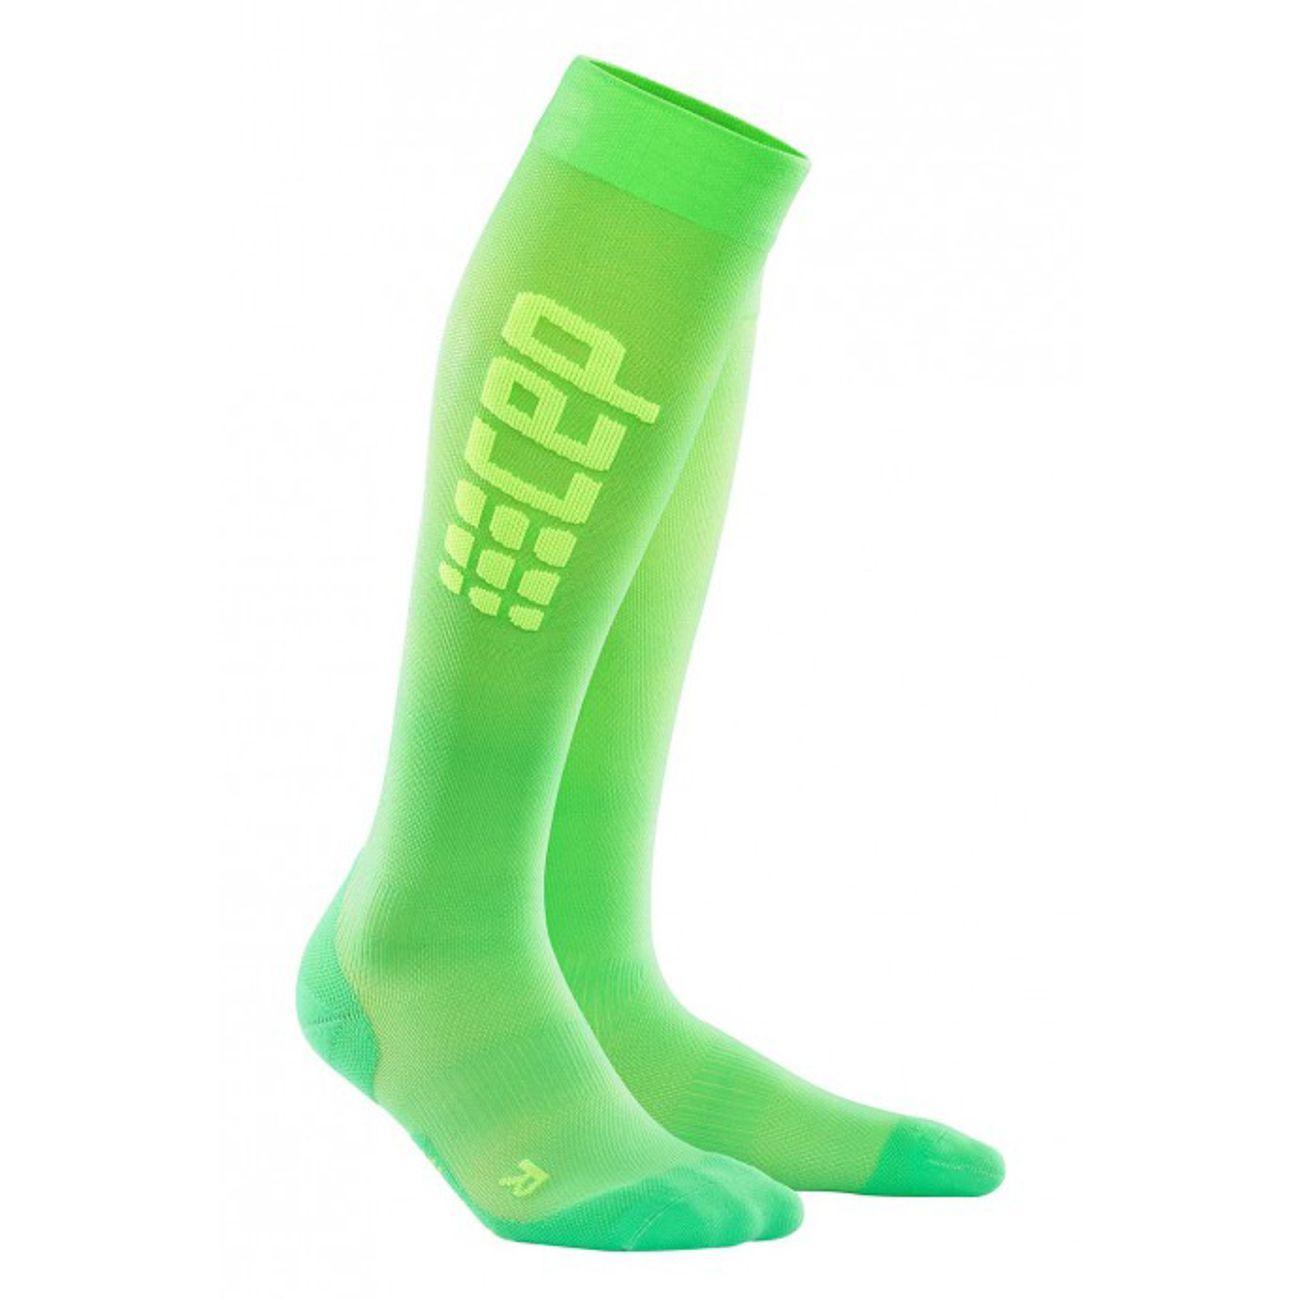 Course Chaussettes légères DeViper À Ultra green Cep Pied Compression Femme XuPkZOTi